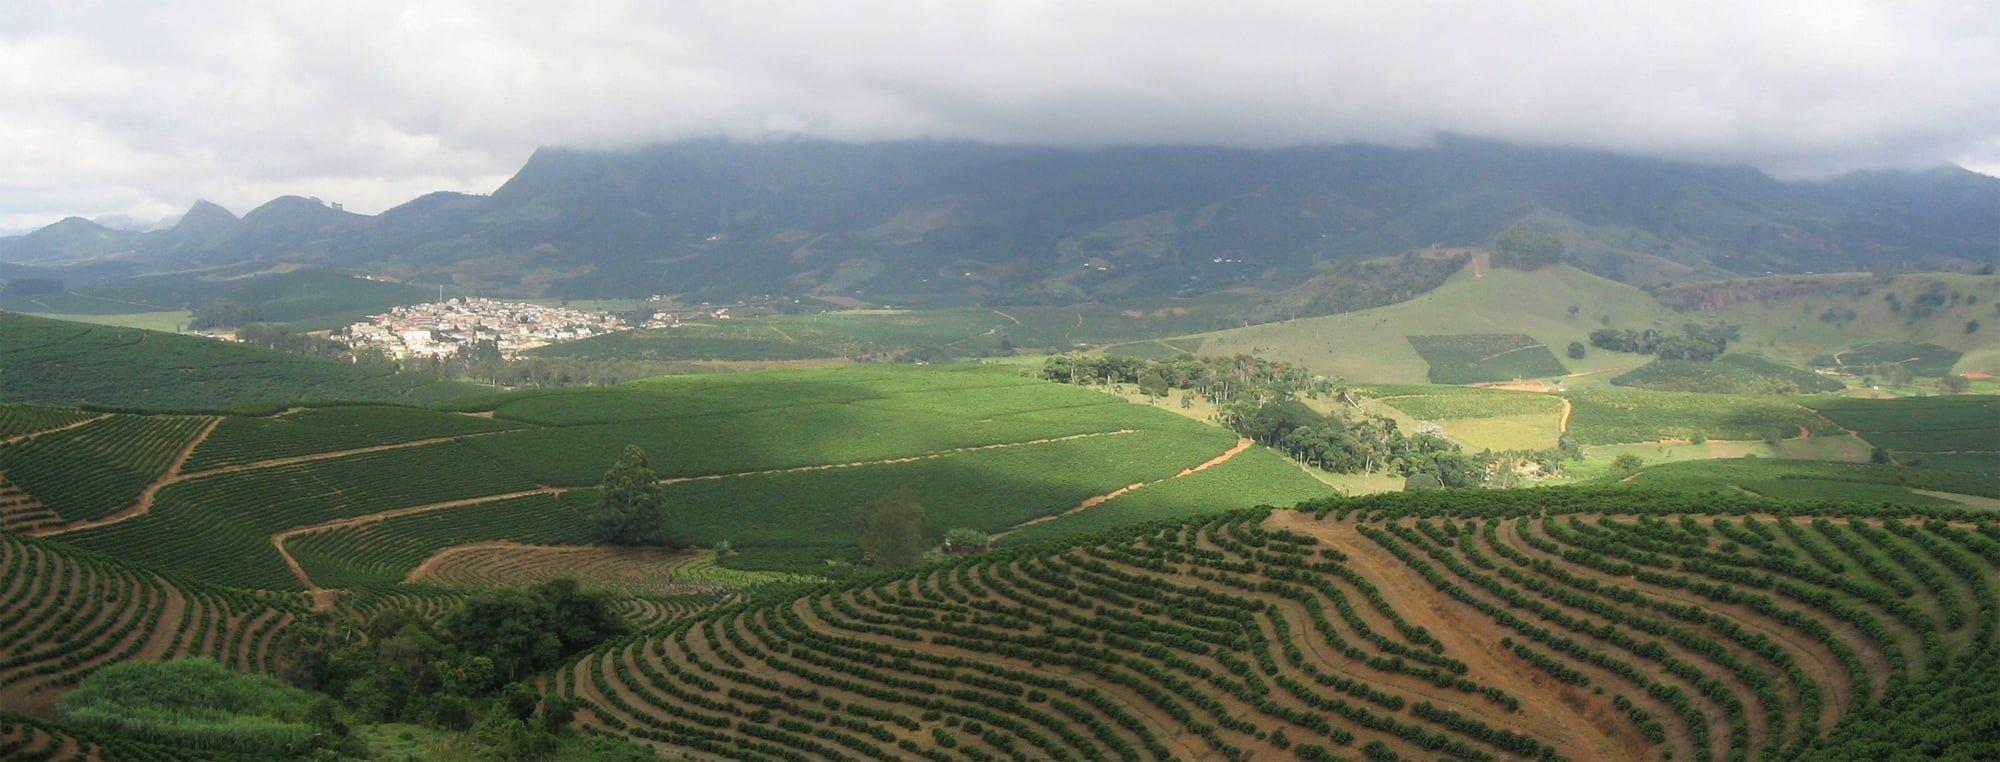 Brezilya'daki kahve bahçeleri